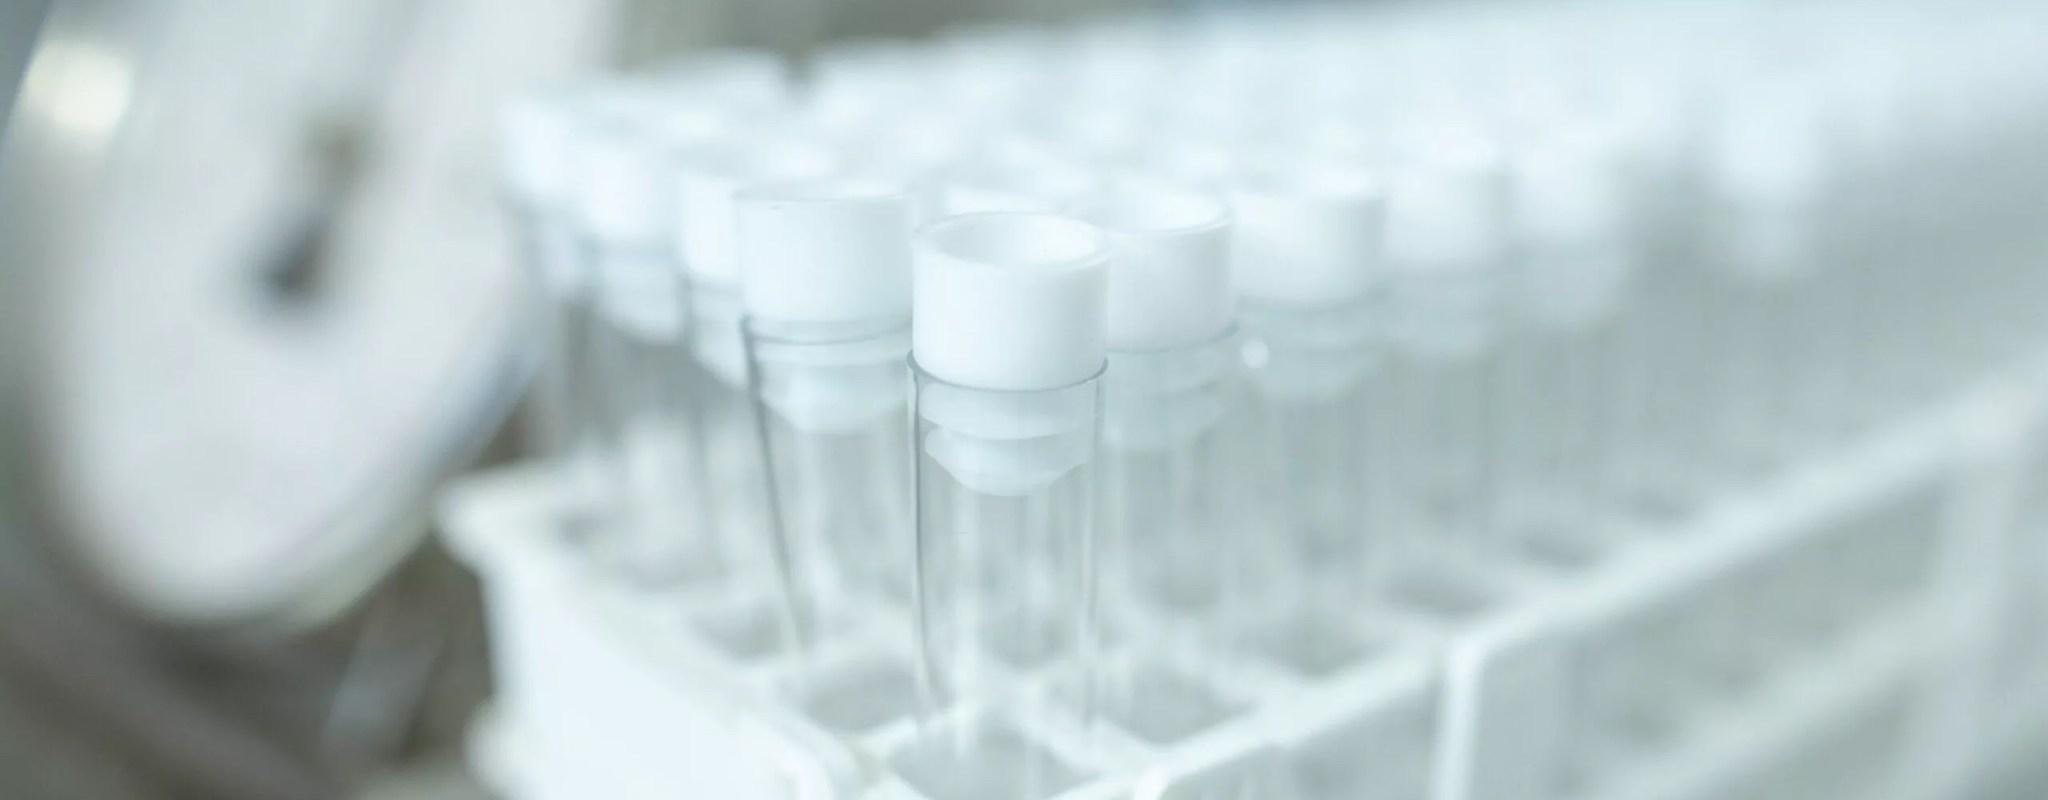 Une entreprise de Strasbourg provoque une fuite massive de résultats de tests antigéniques